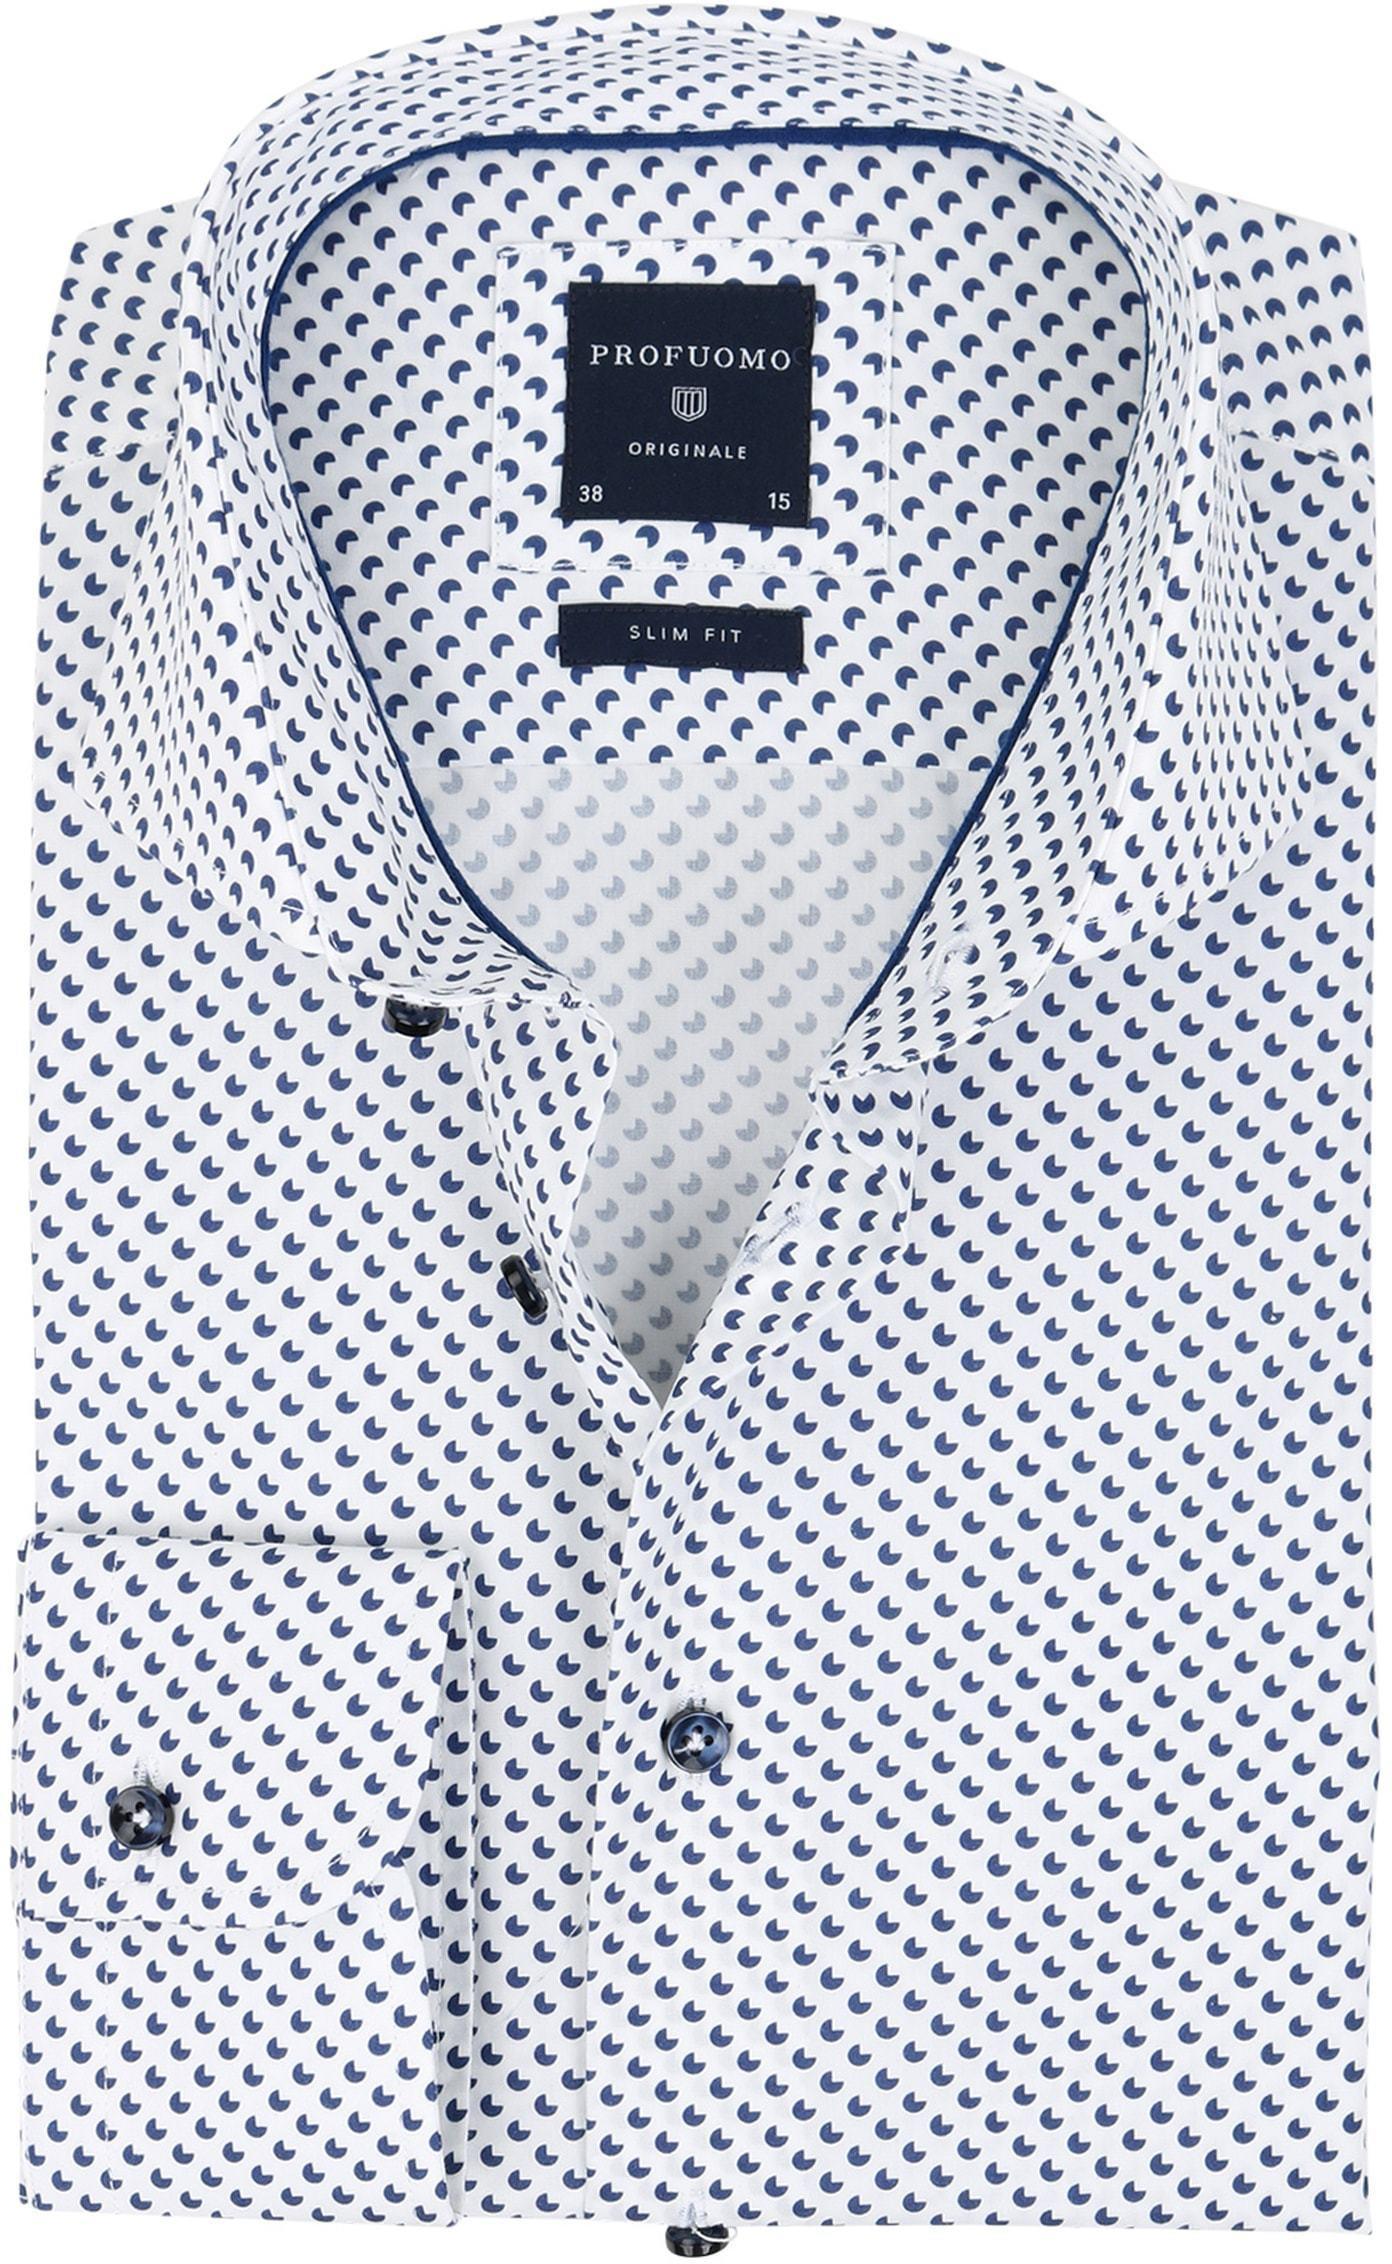 Profuomo Slim Fit Overhemd Wit met patroon foto 0